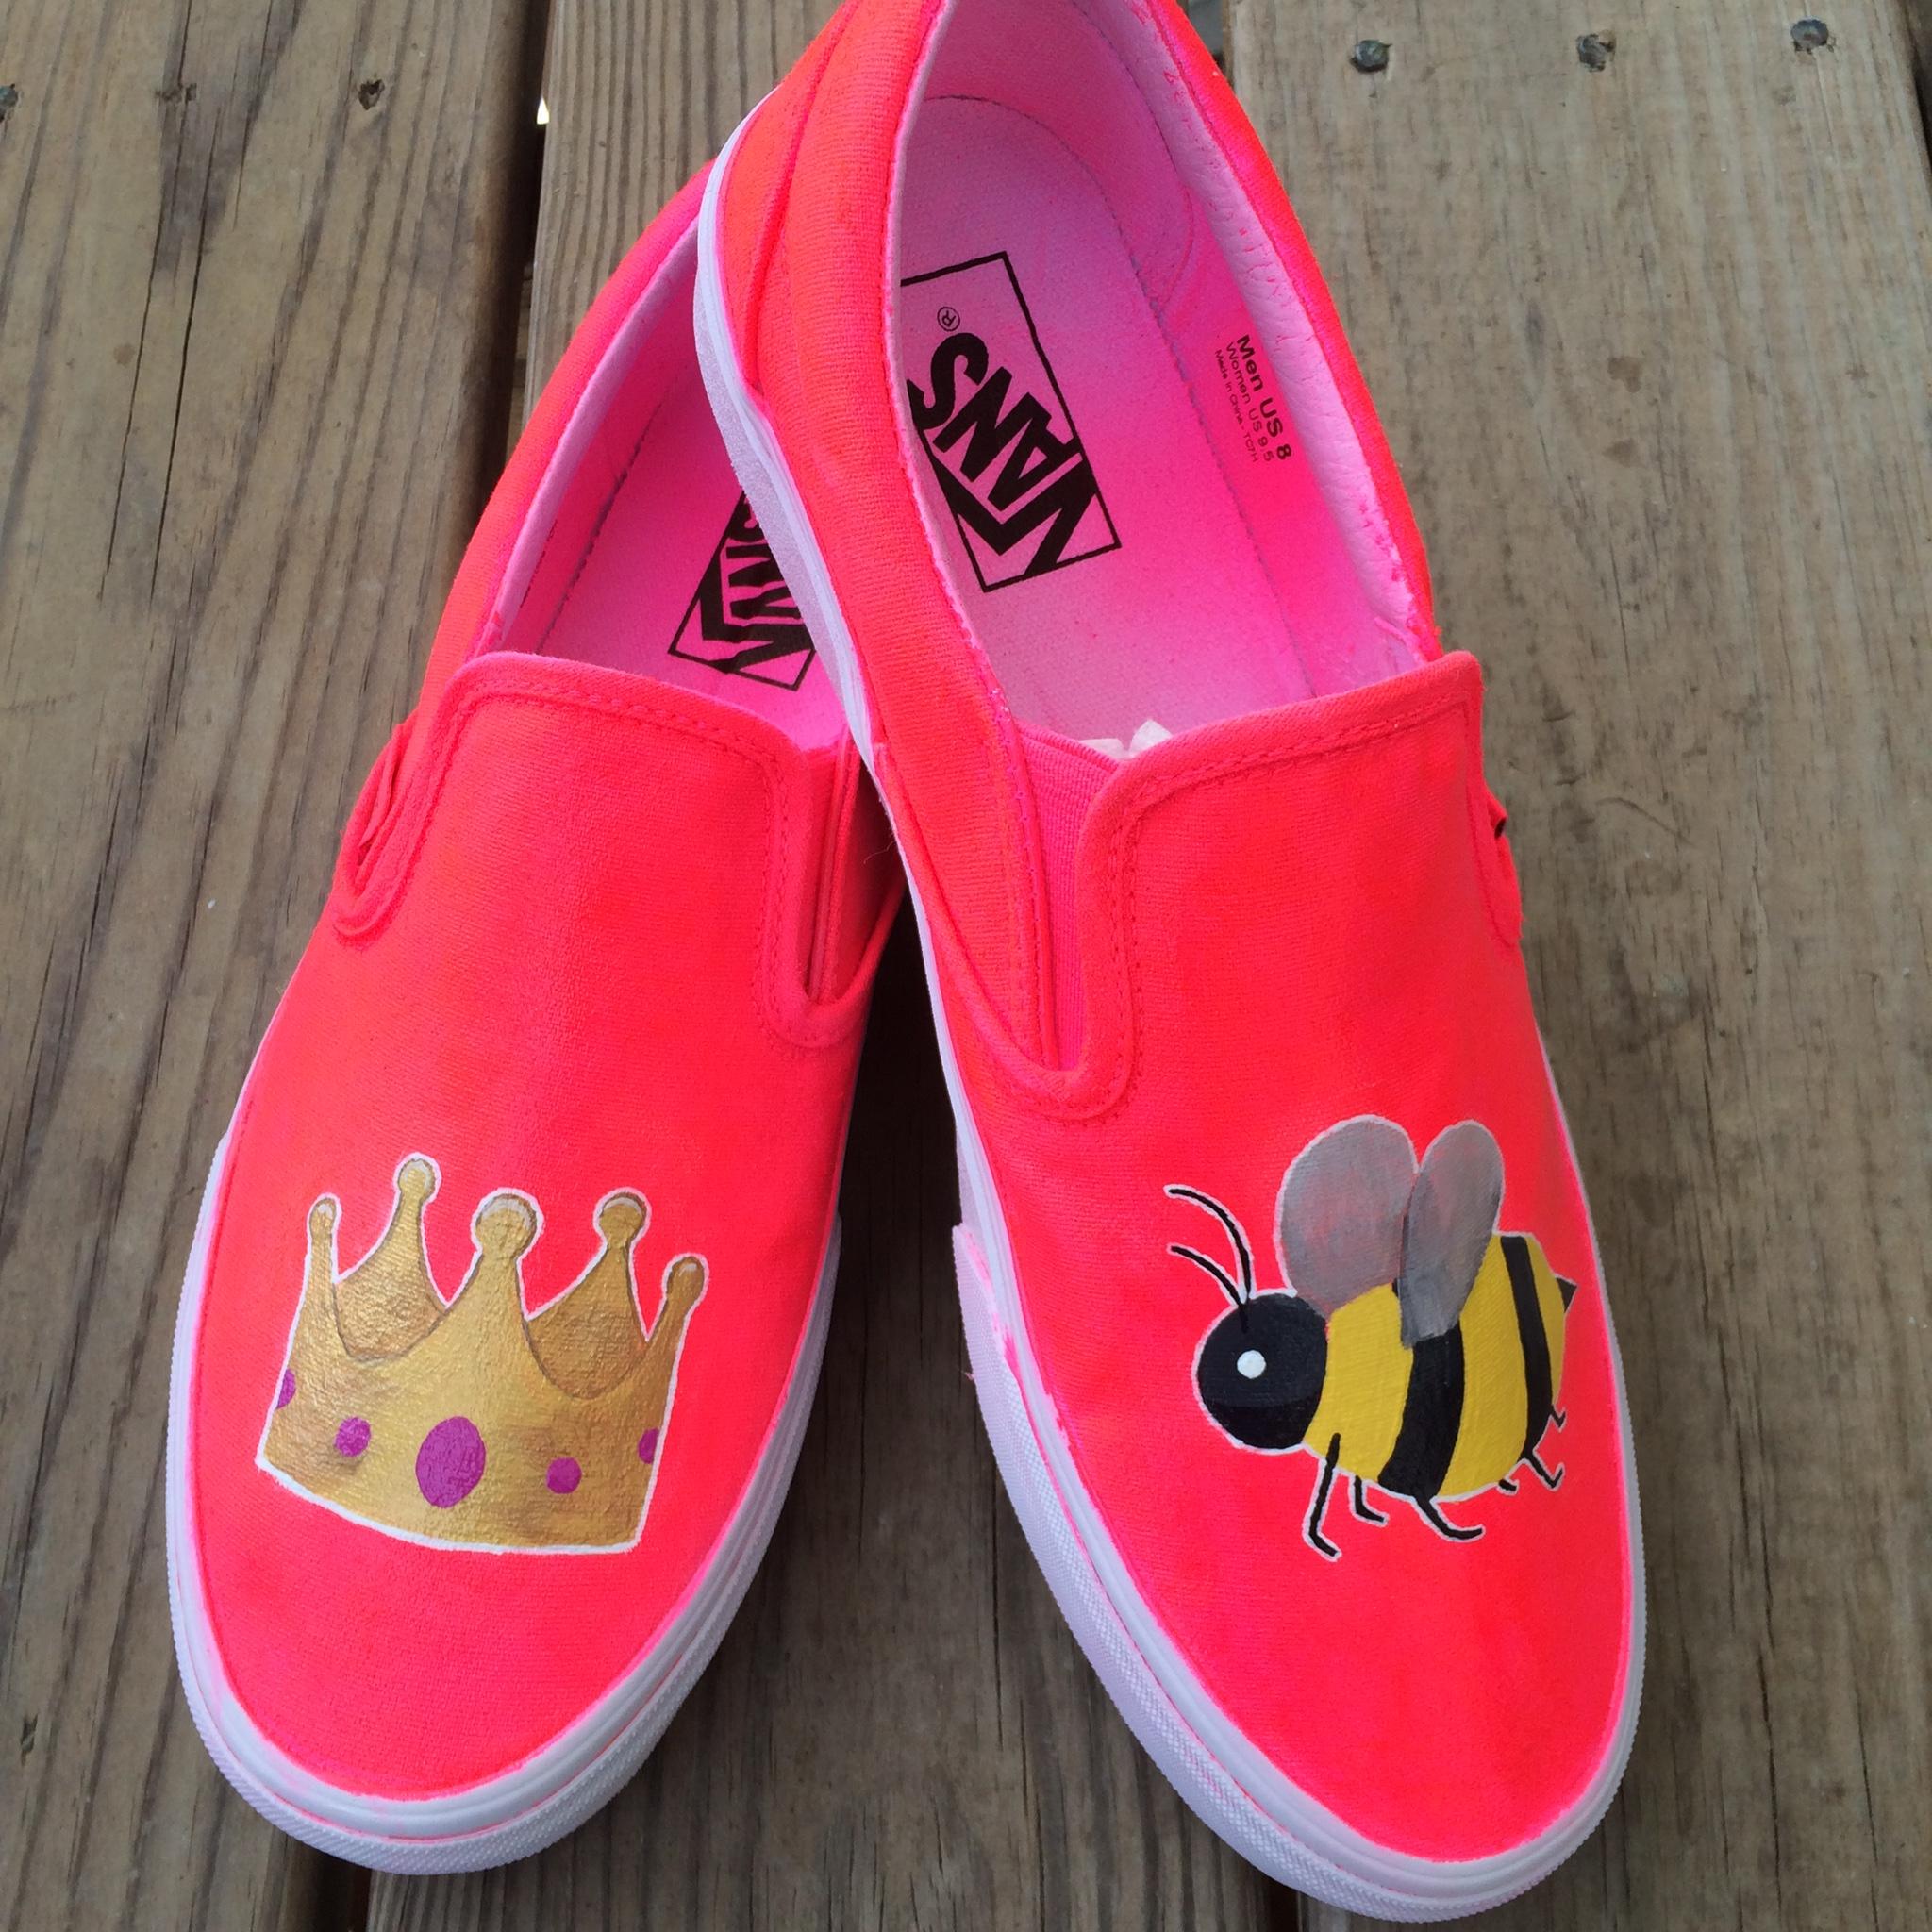 65cda7d8fa5bee Queen Bee Emoji Vans